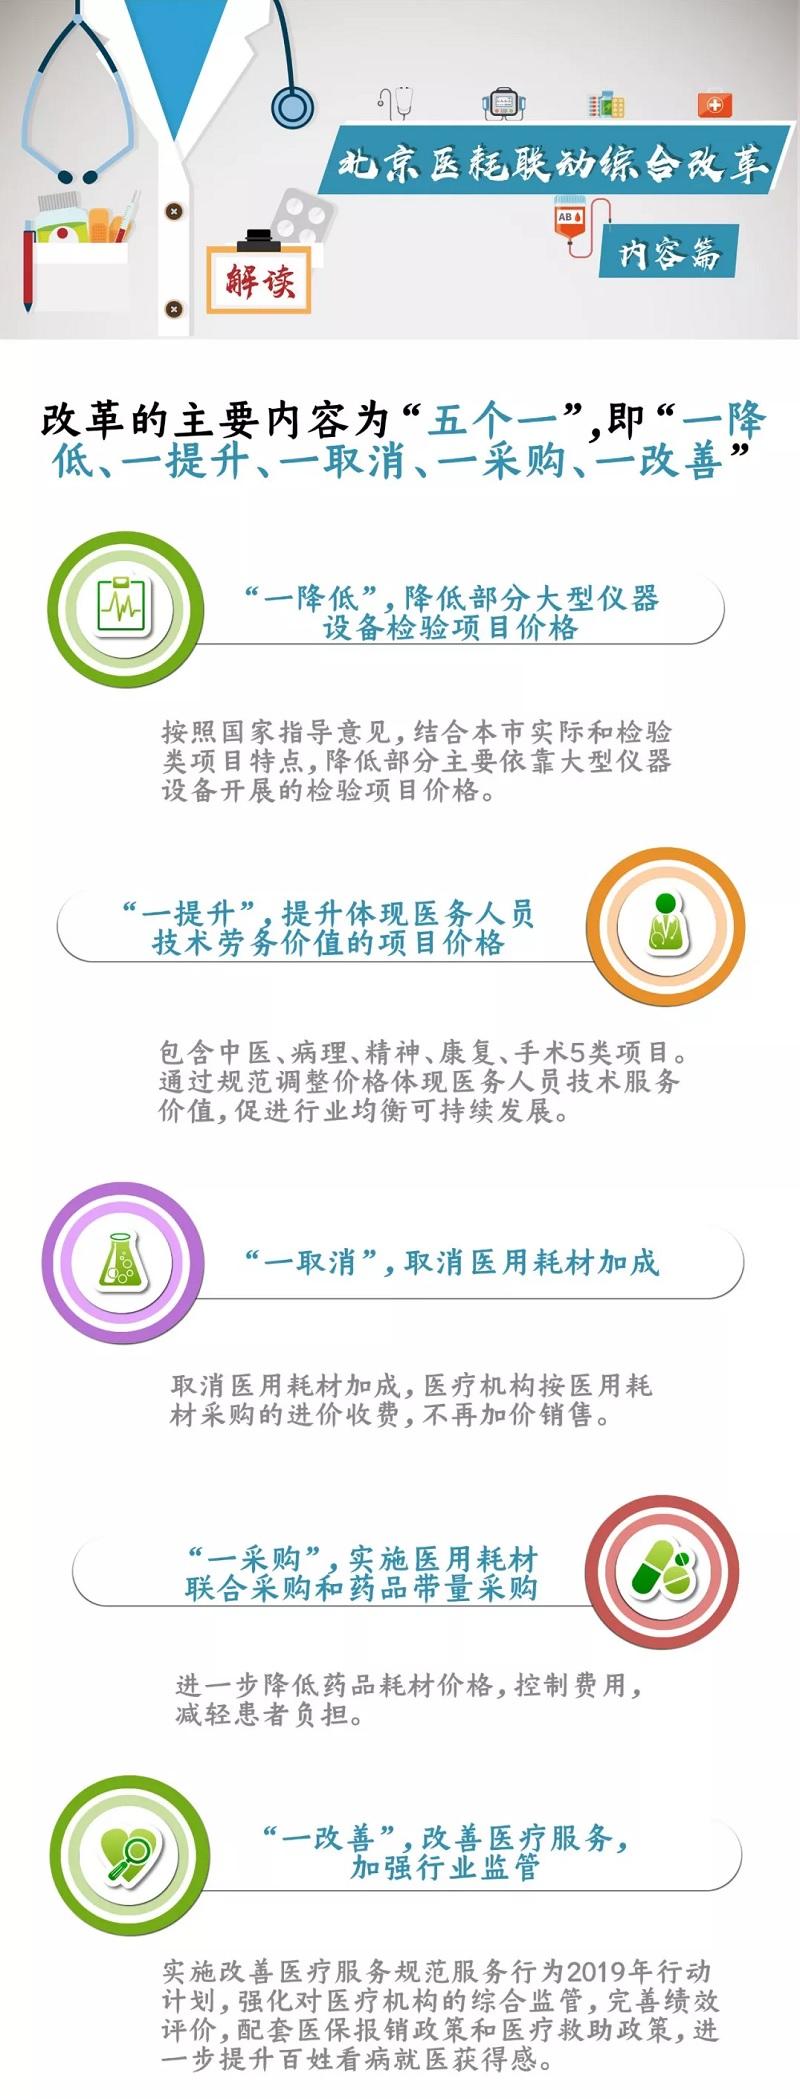 北京启动医耗改革